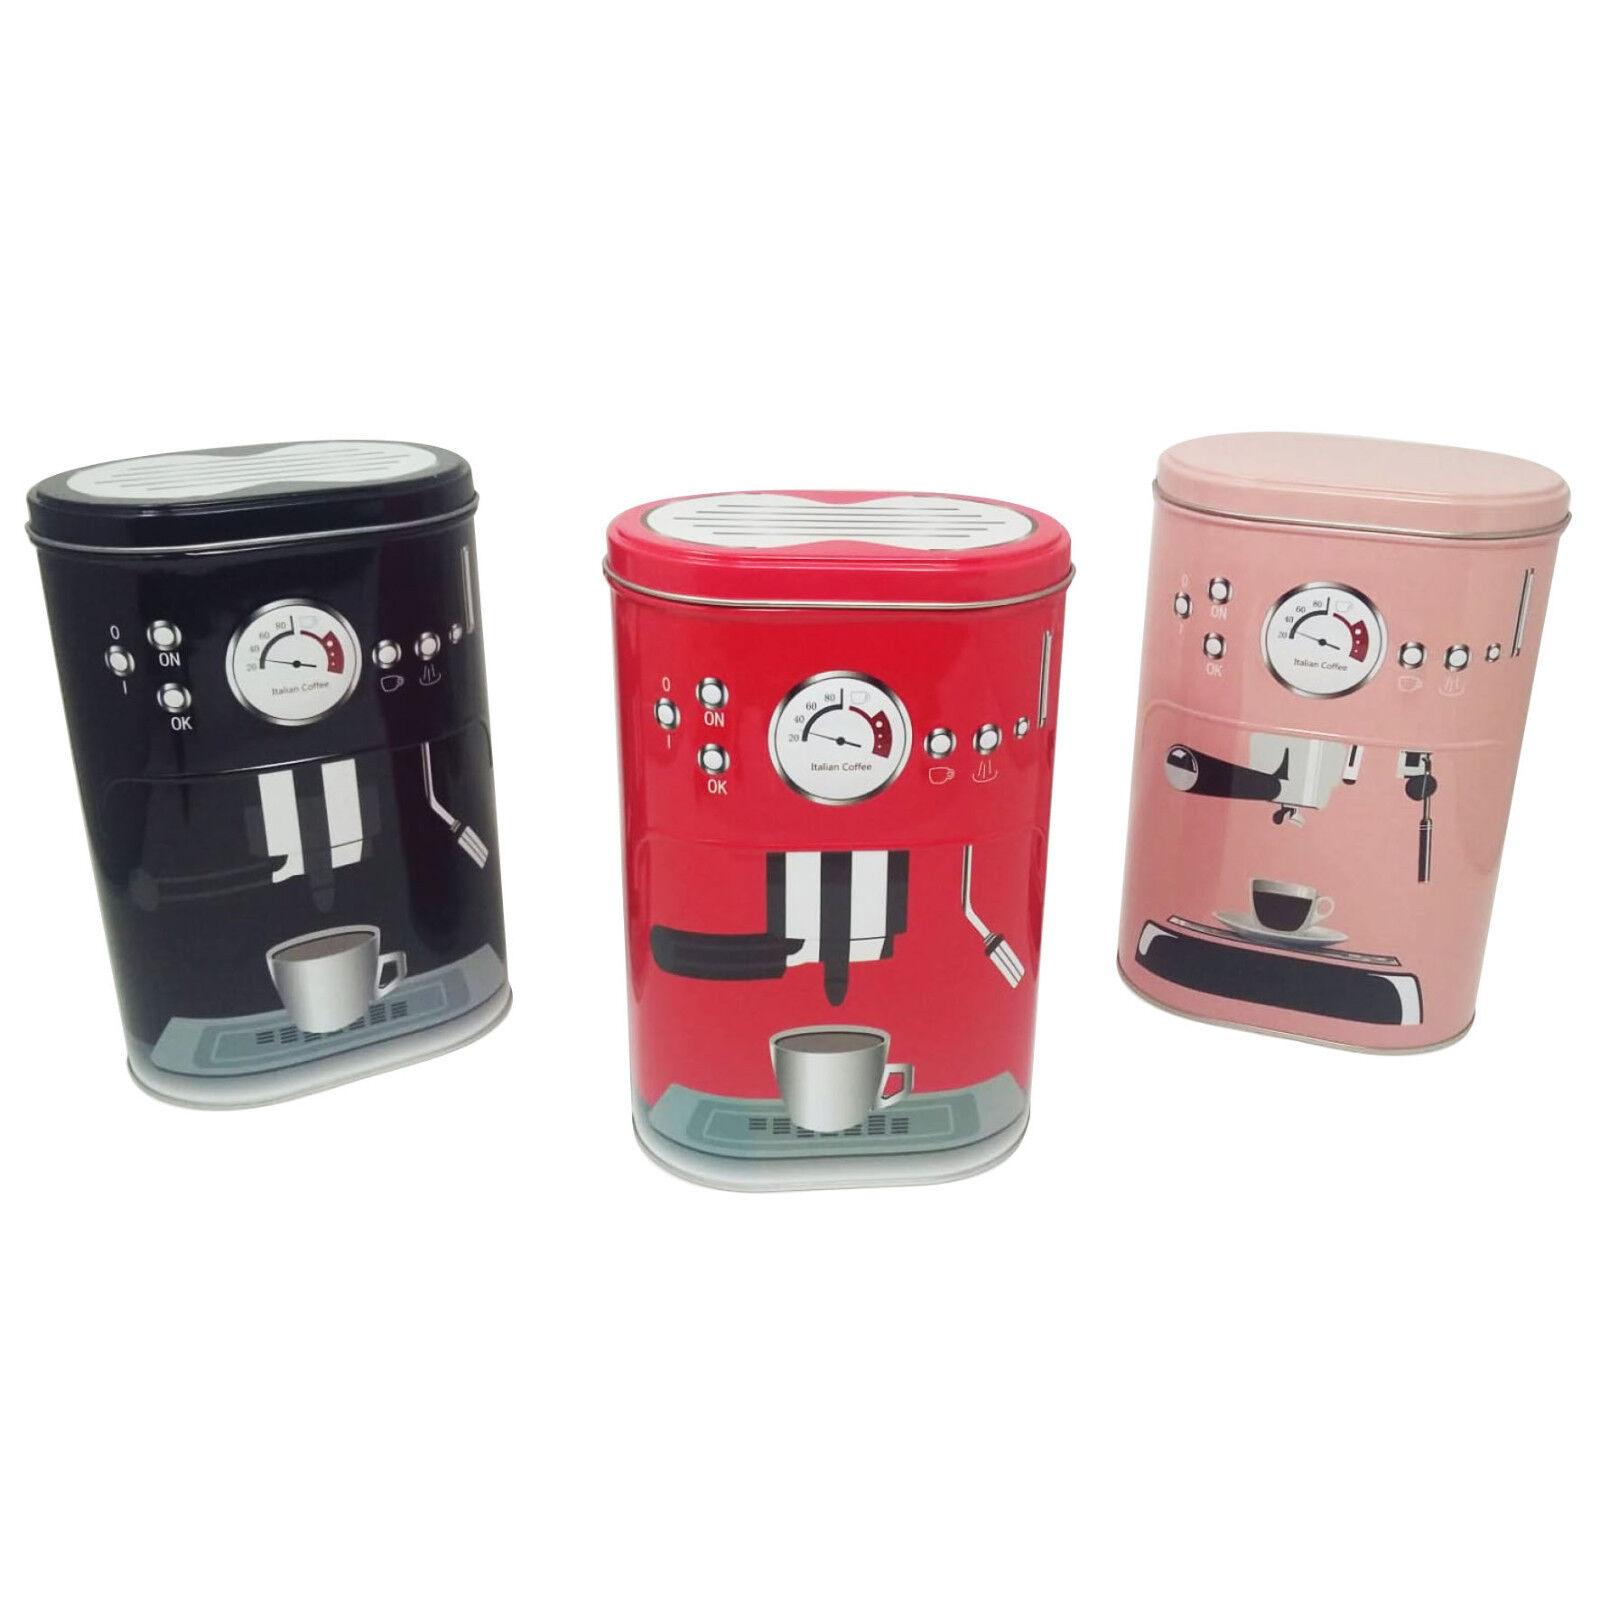 Set 2 barattoli contenitore caffè in latta 3 varianti colore 20x13x8cm e 18x11x7